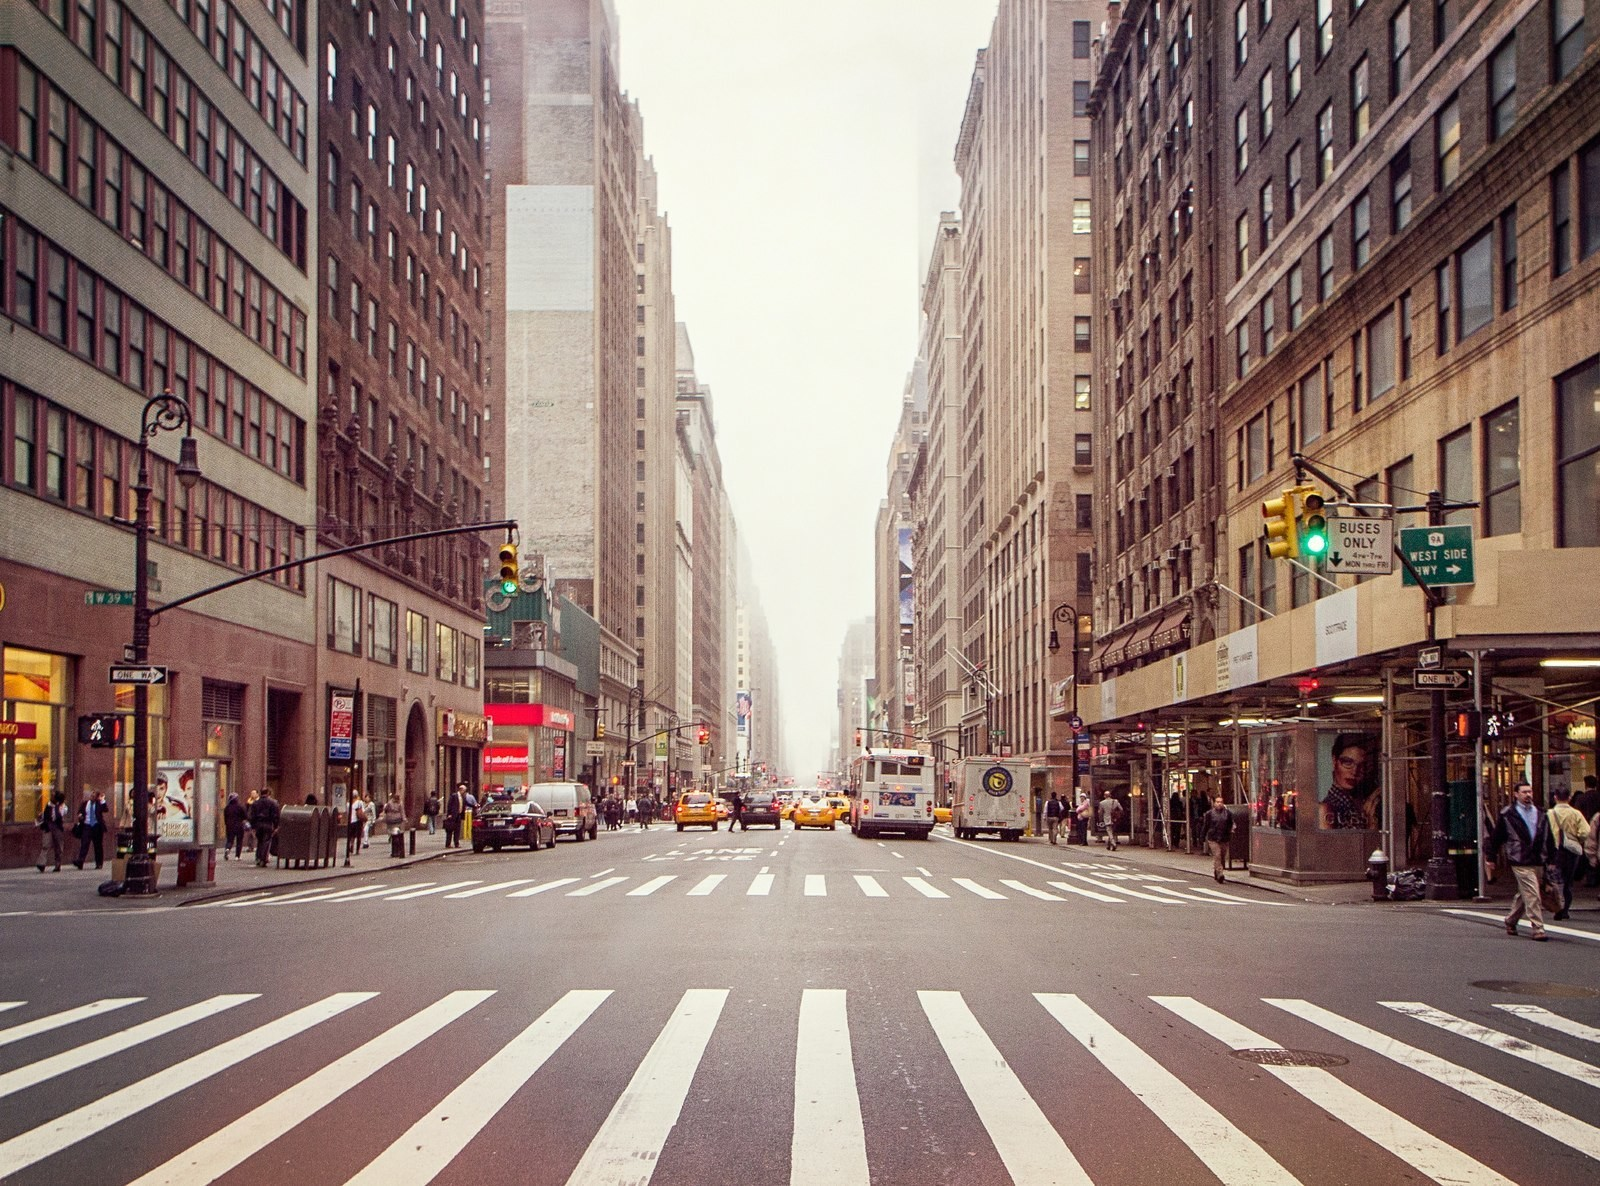 Вадим и Всеволод, 20 лет: Языковая программа в Rennert New York